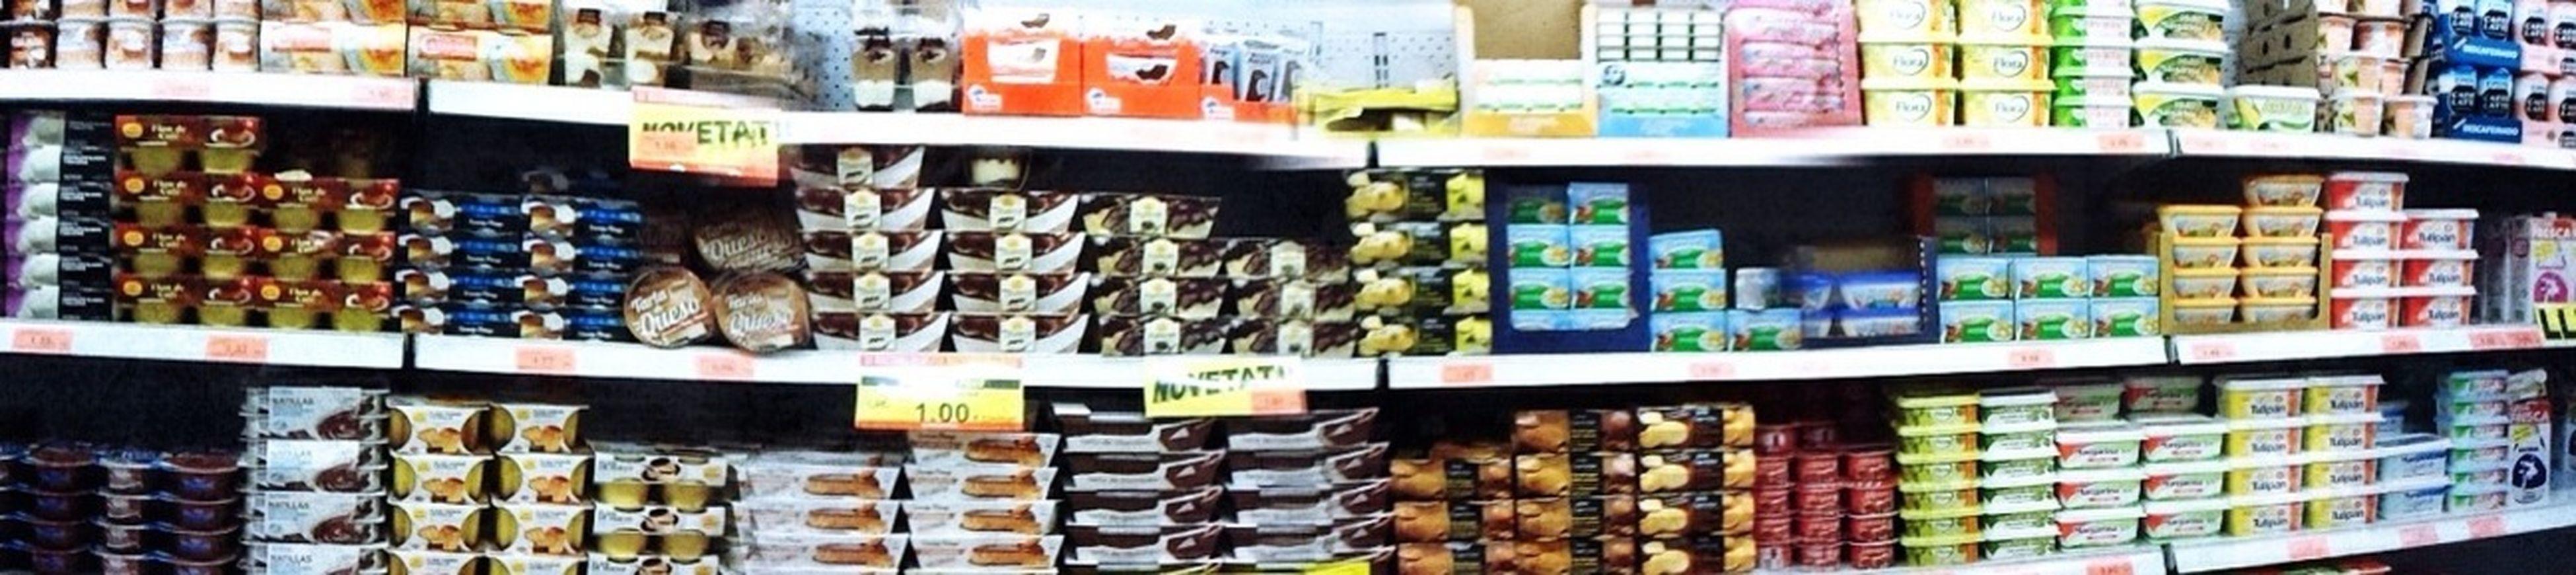 Escollir un iogurt de vegades és complicat Supermercado Supermarket